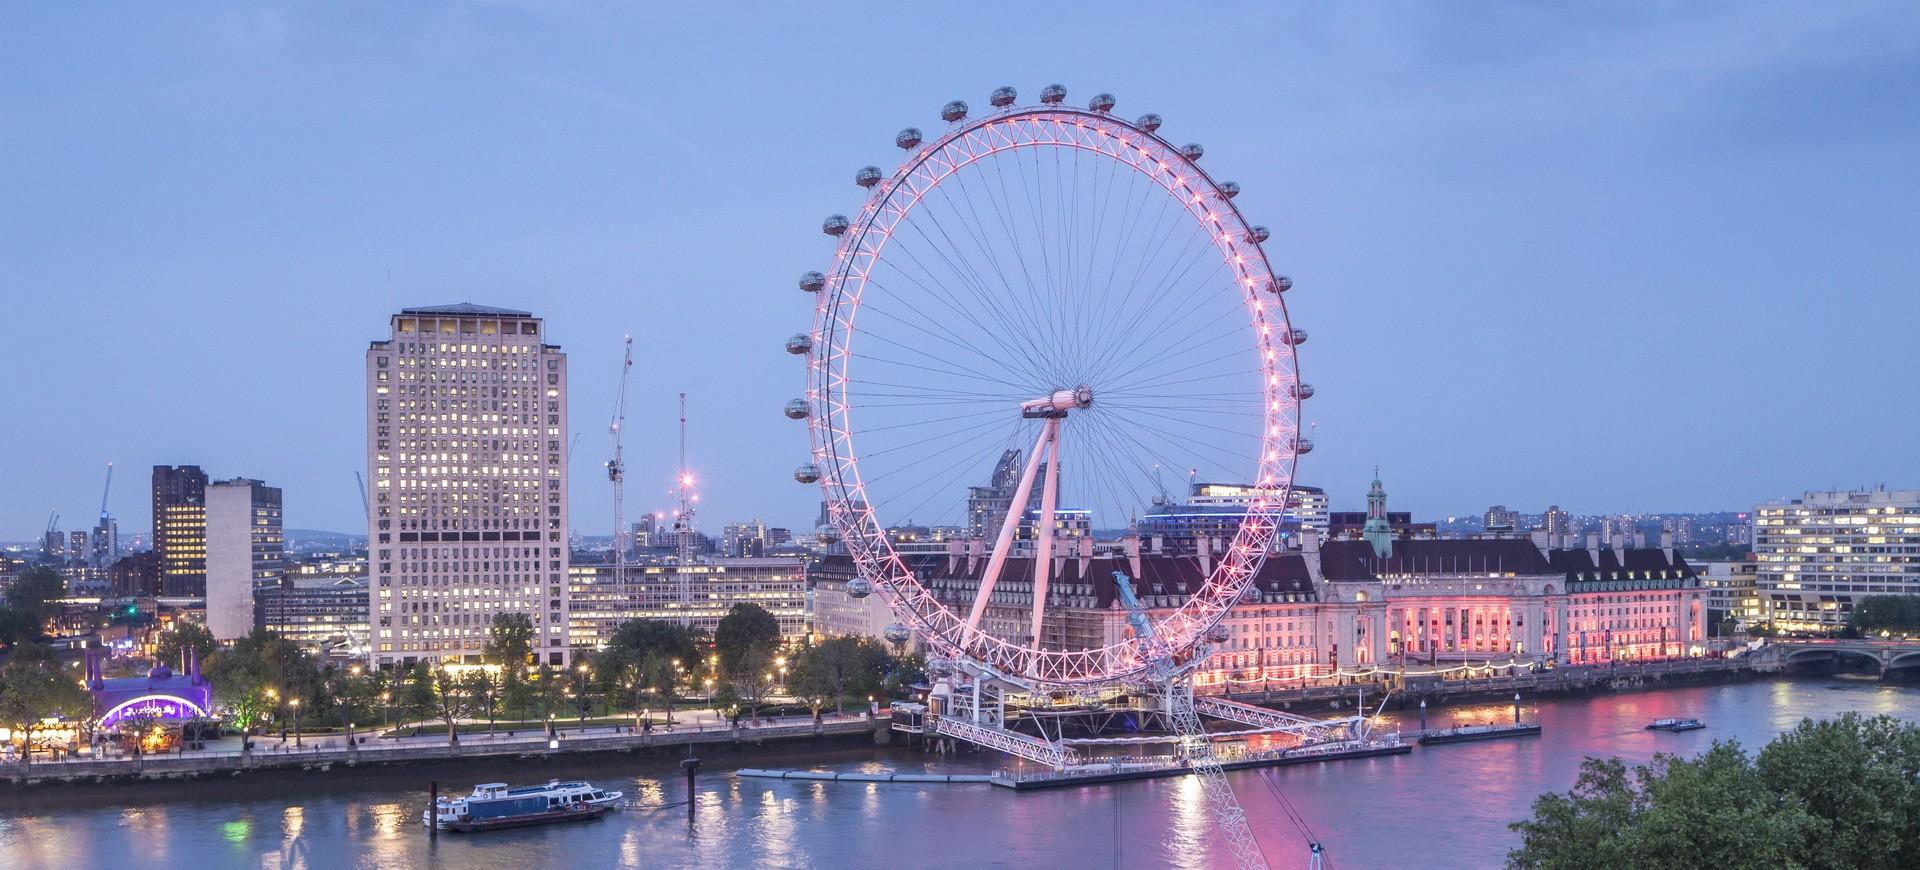 Royaume Uni Londres Tamise et London Eye le Millennium Wheel